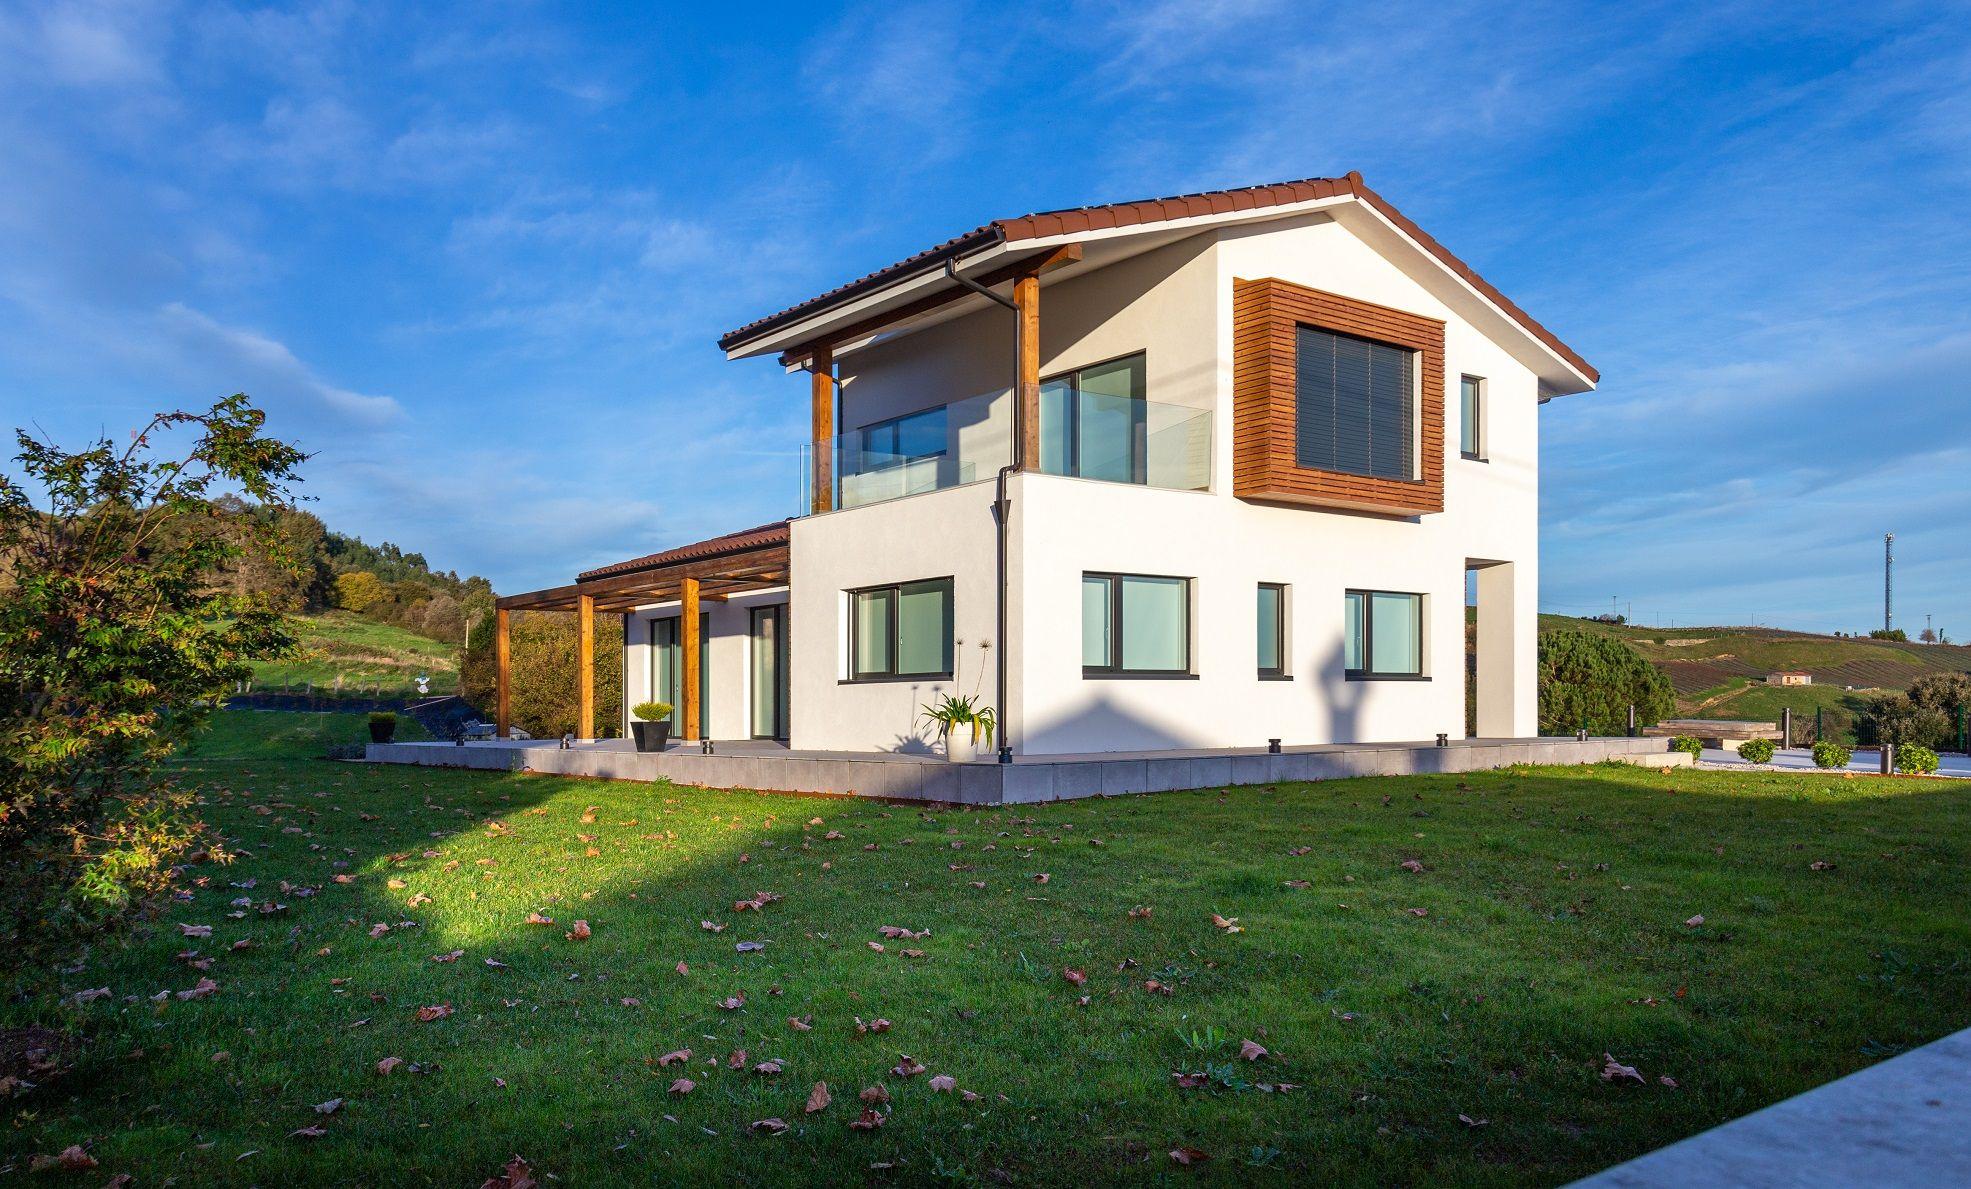 Fotografia Casa Patxaran, Cantabria. Vivienda unifamiliar de obra